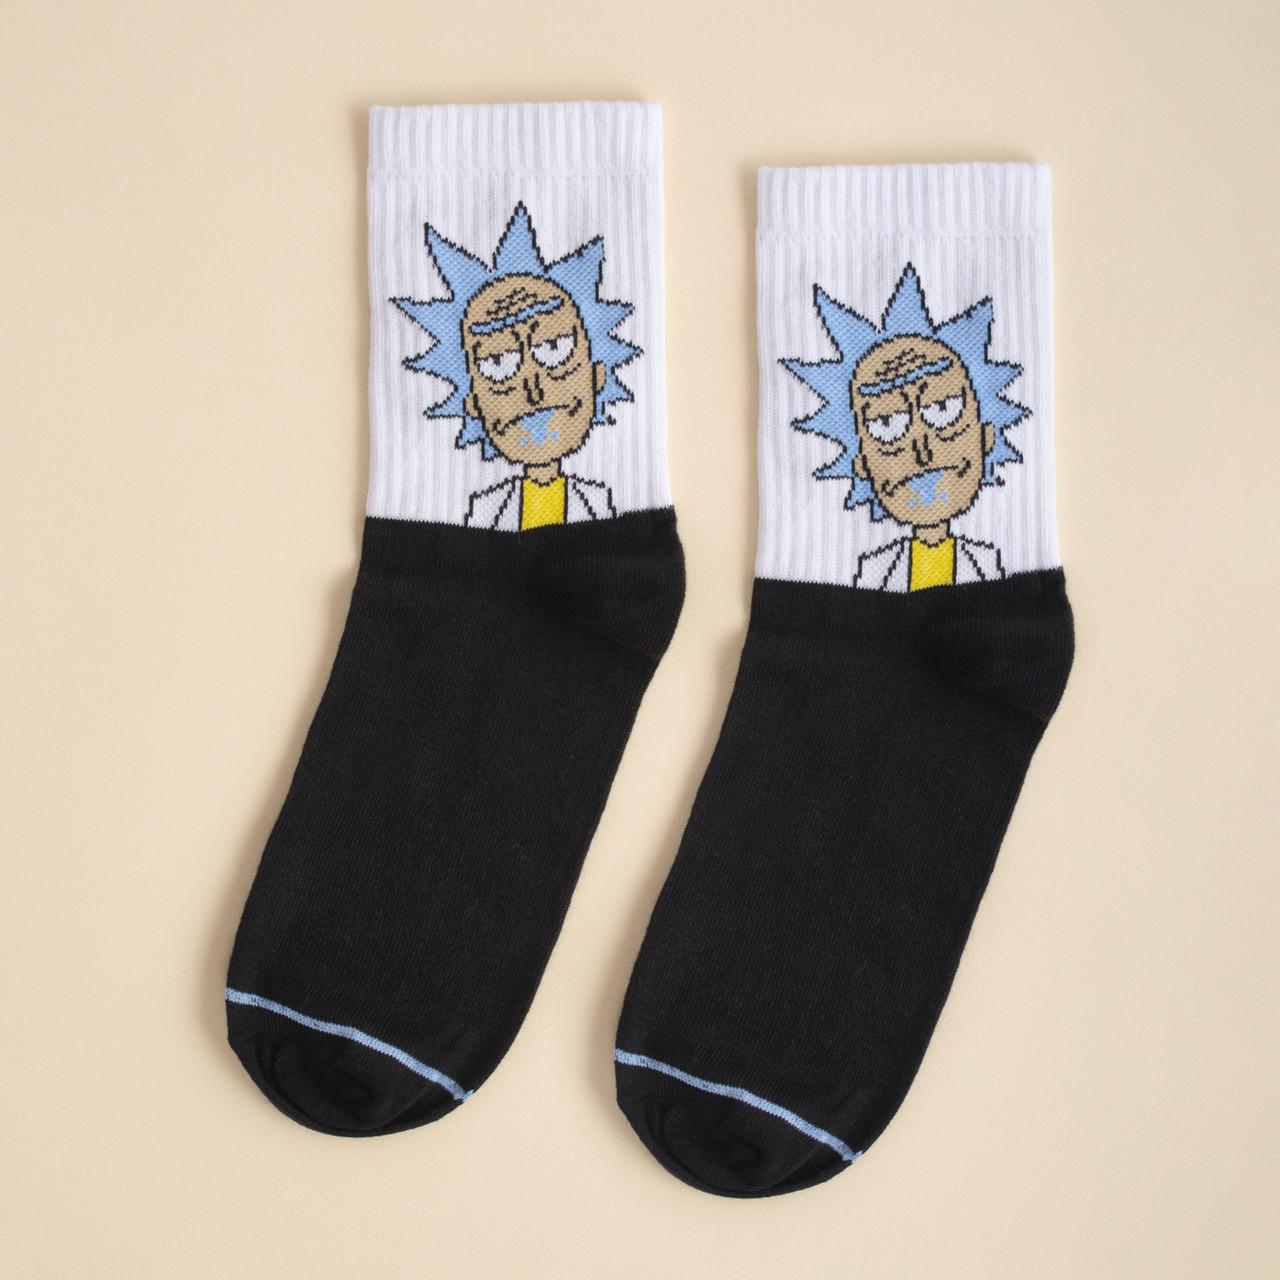 Шкарпетки білі з принтом Рік и Морті